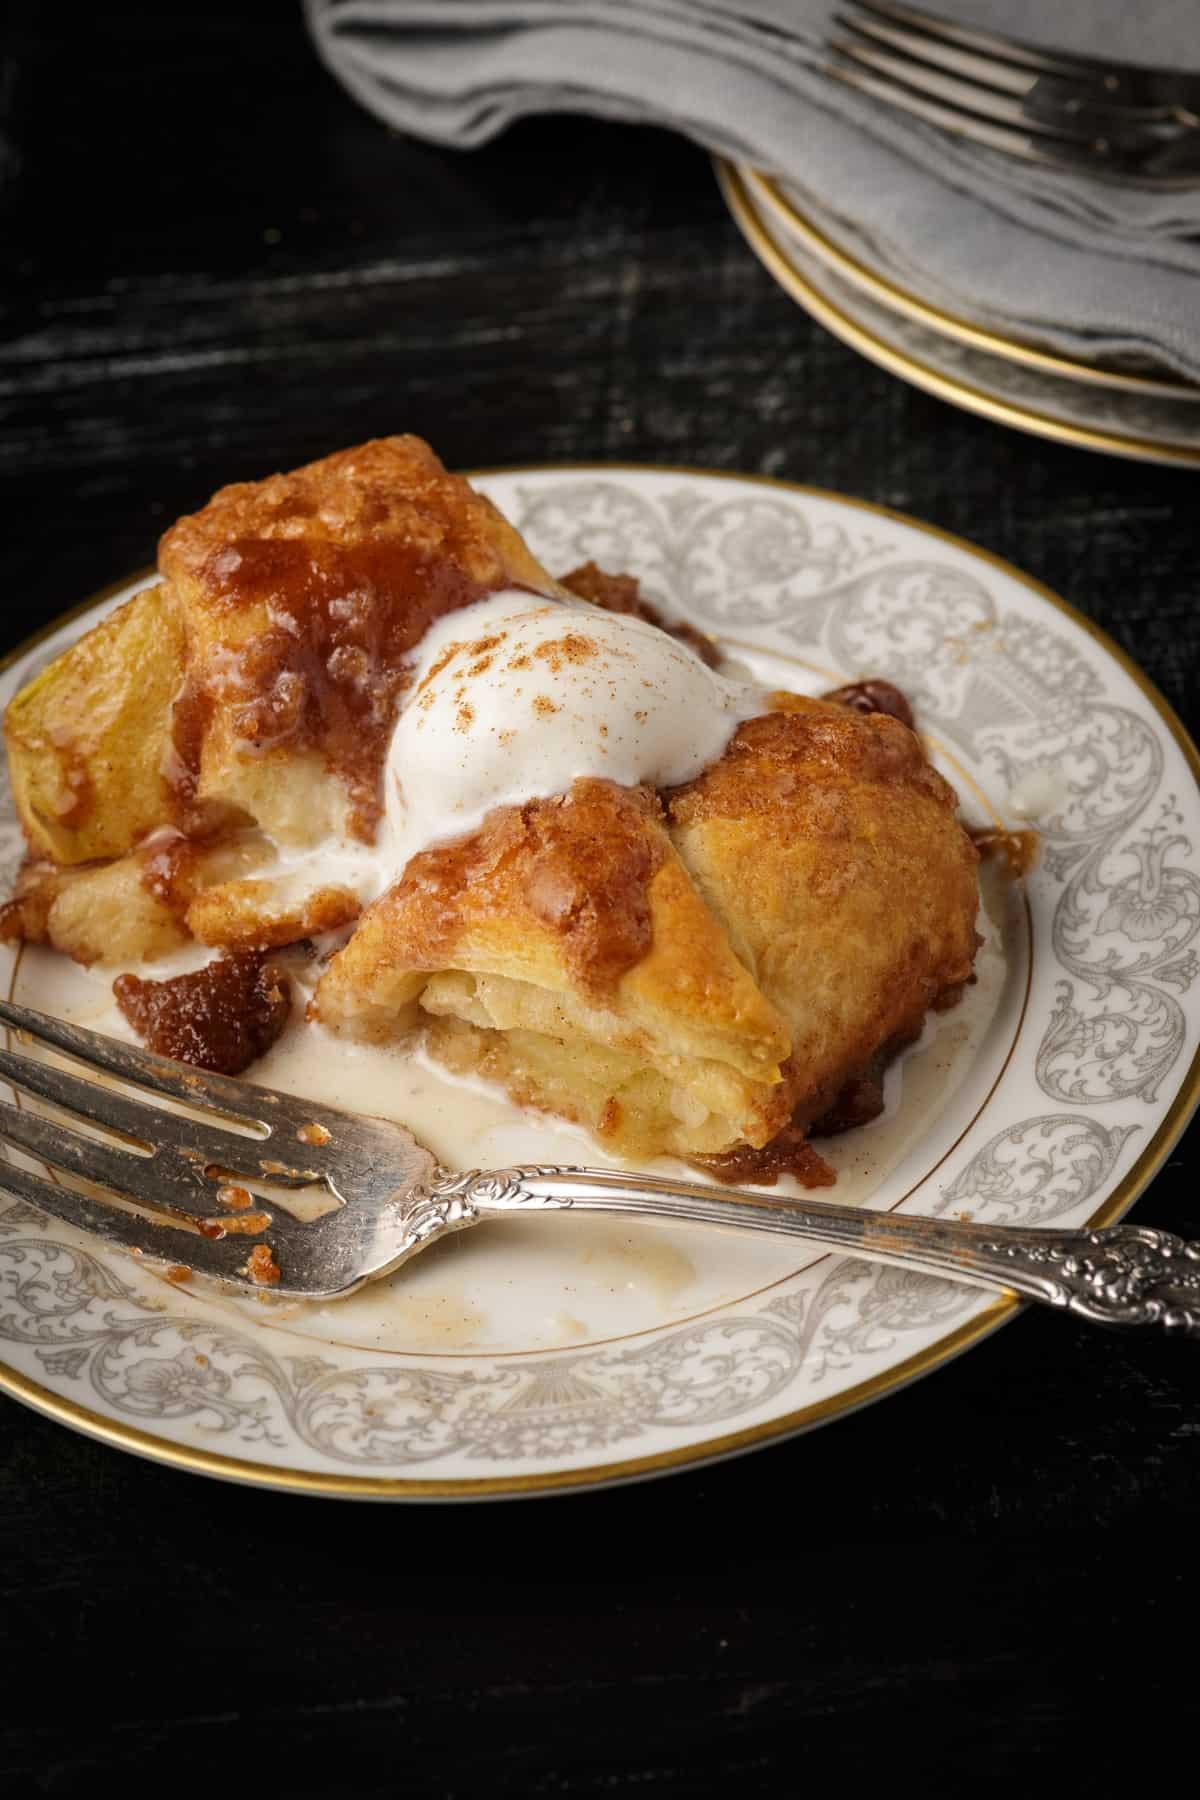 A dessert plate with an apple dumpling